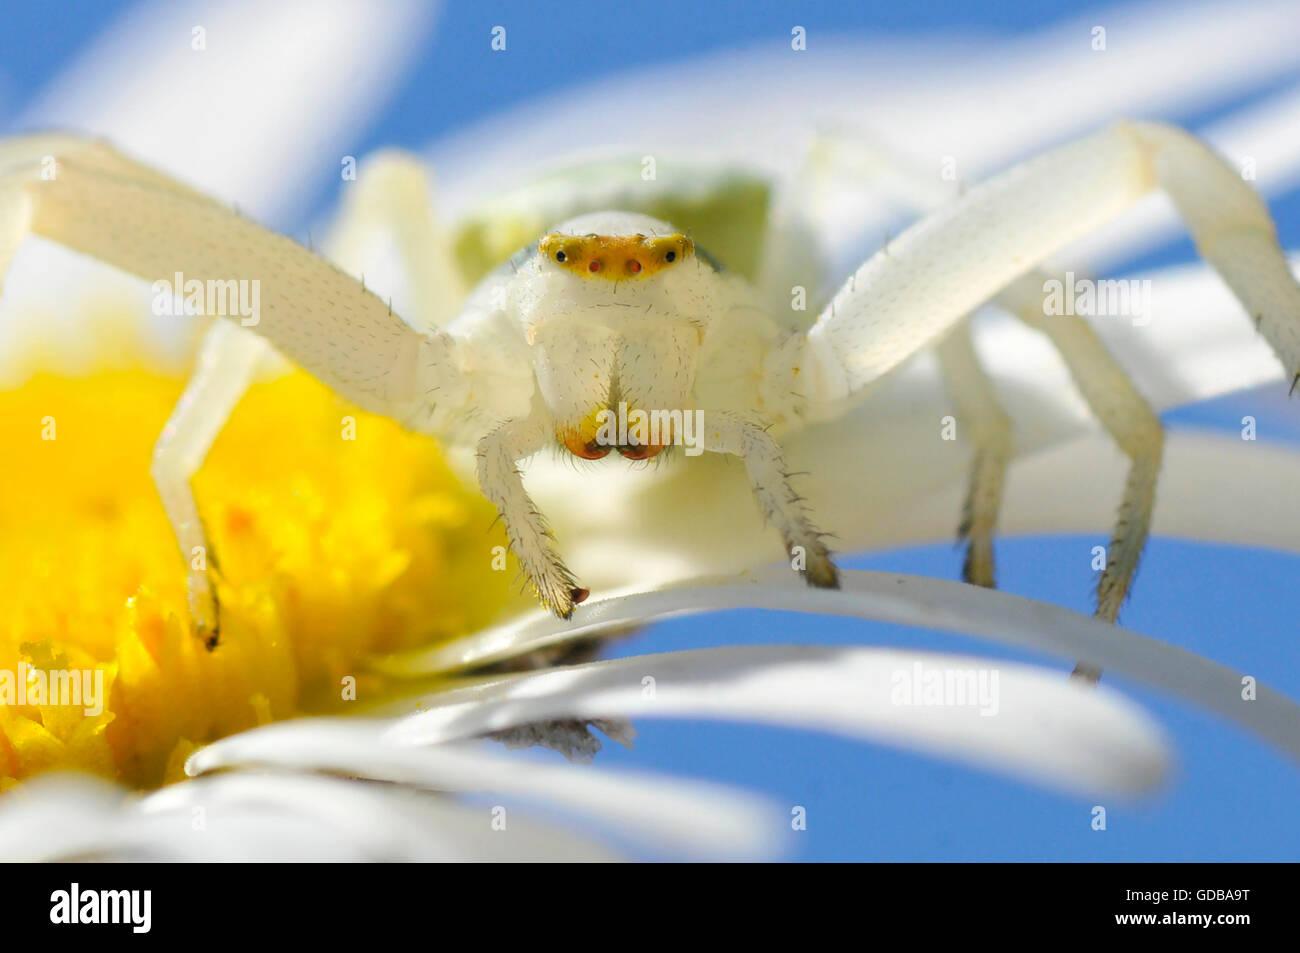 Macro de cangrejo araña (Misumena vatia) visto desde el frente en flor de margarita Foto de stock